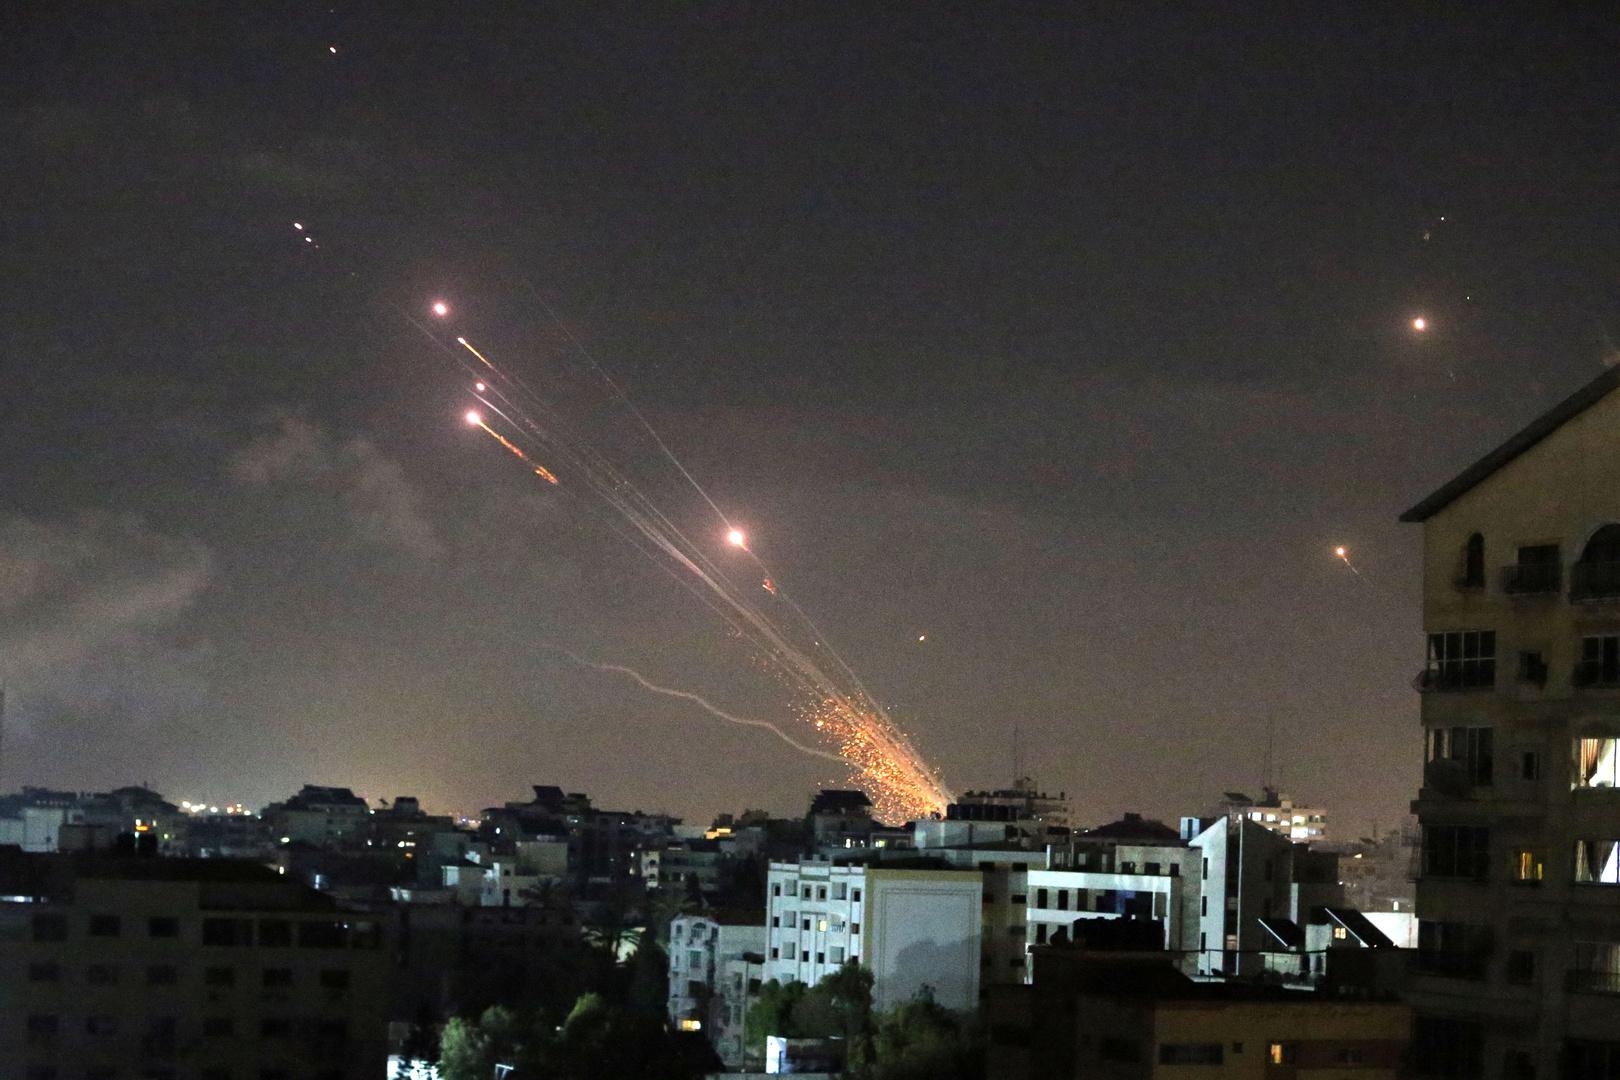 بريطانيا تدعو لوقف الهجمات الصاروخية على إسرائيل